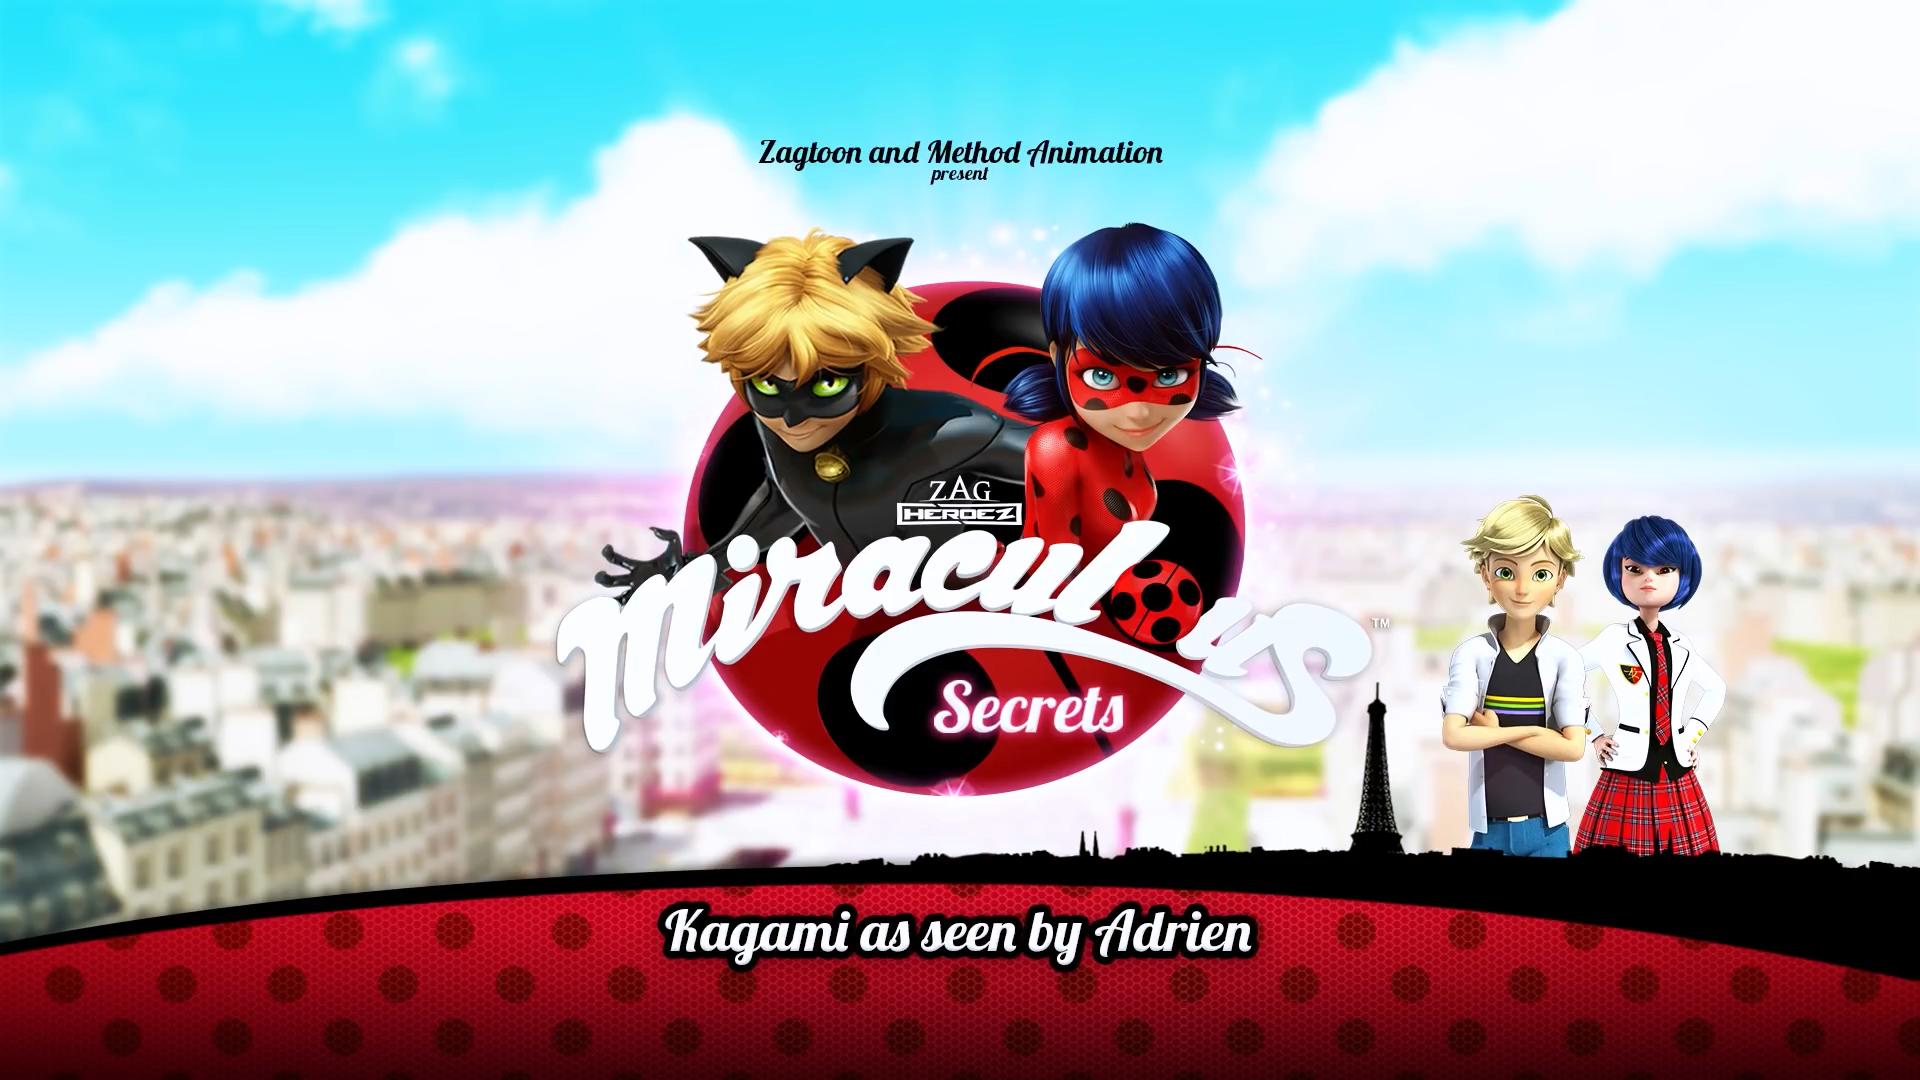 Kagami as seen by Adrien